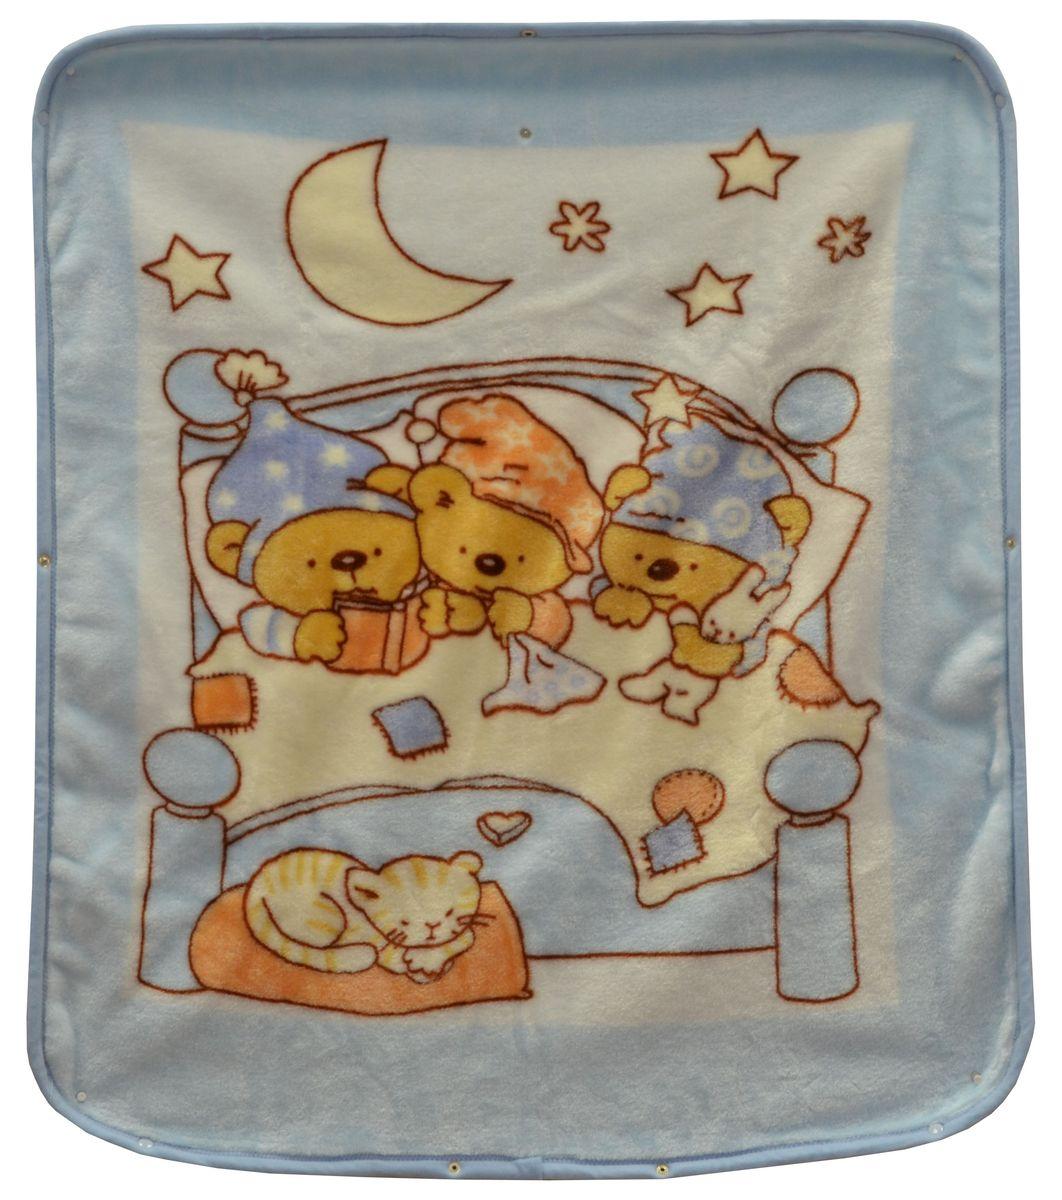 Bonne Fee Плед-накидка для младенцев на молнии 2, 80 х 90 см, цвет: голубой